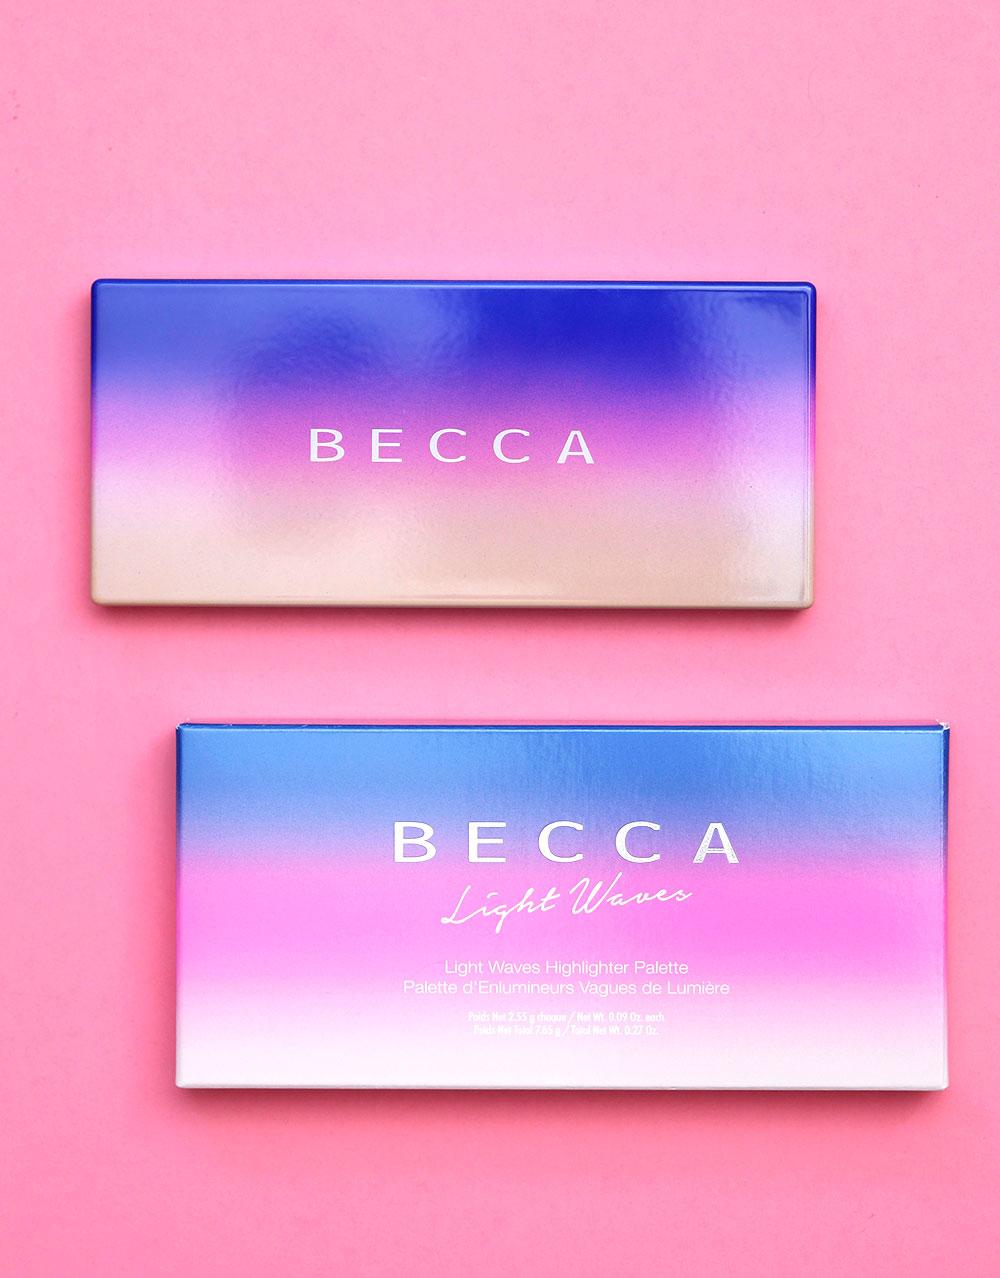 becca light waves